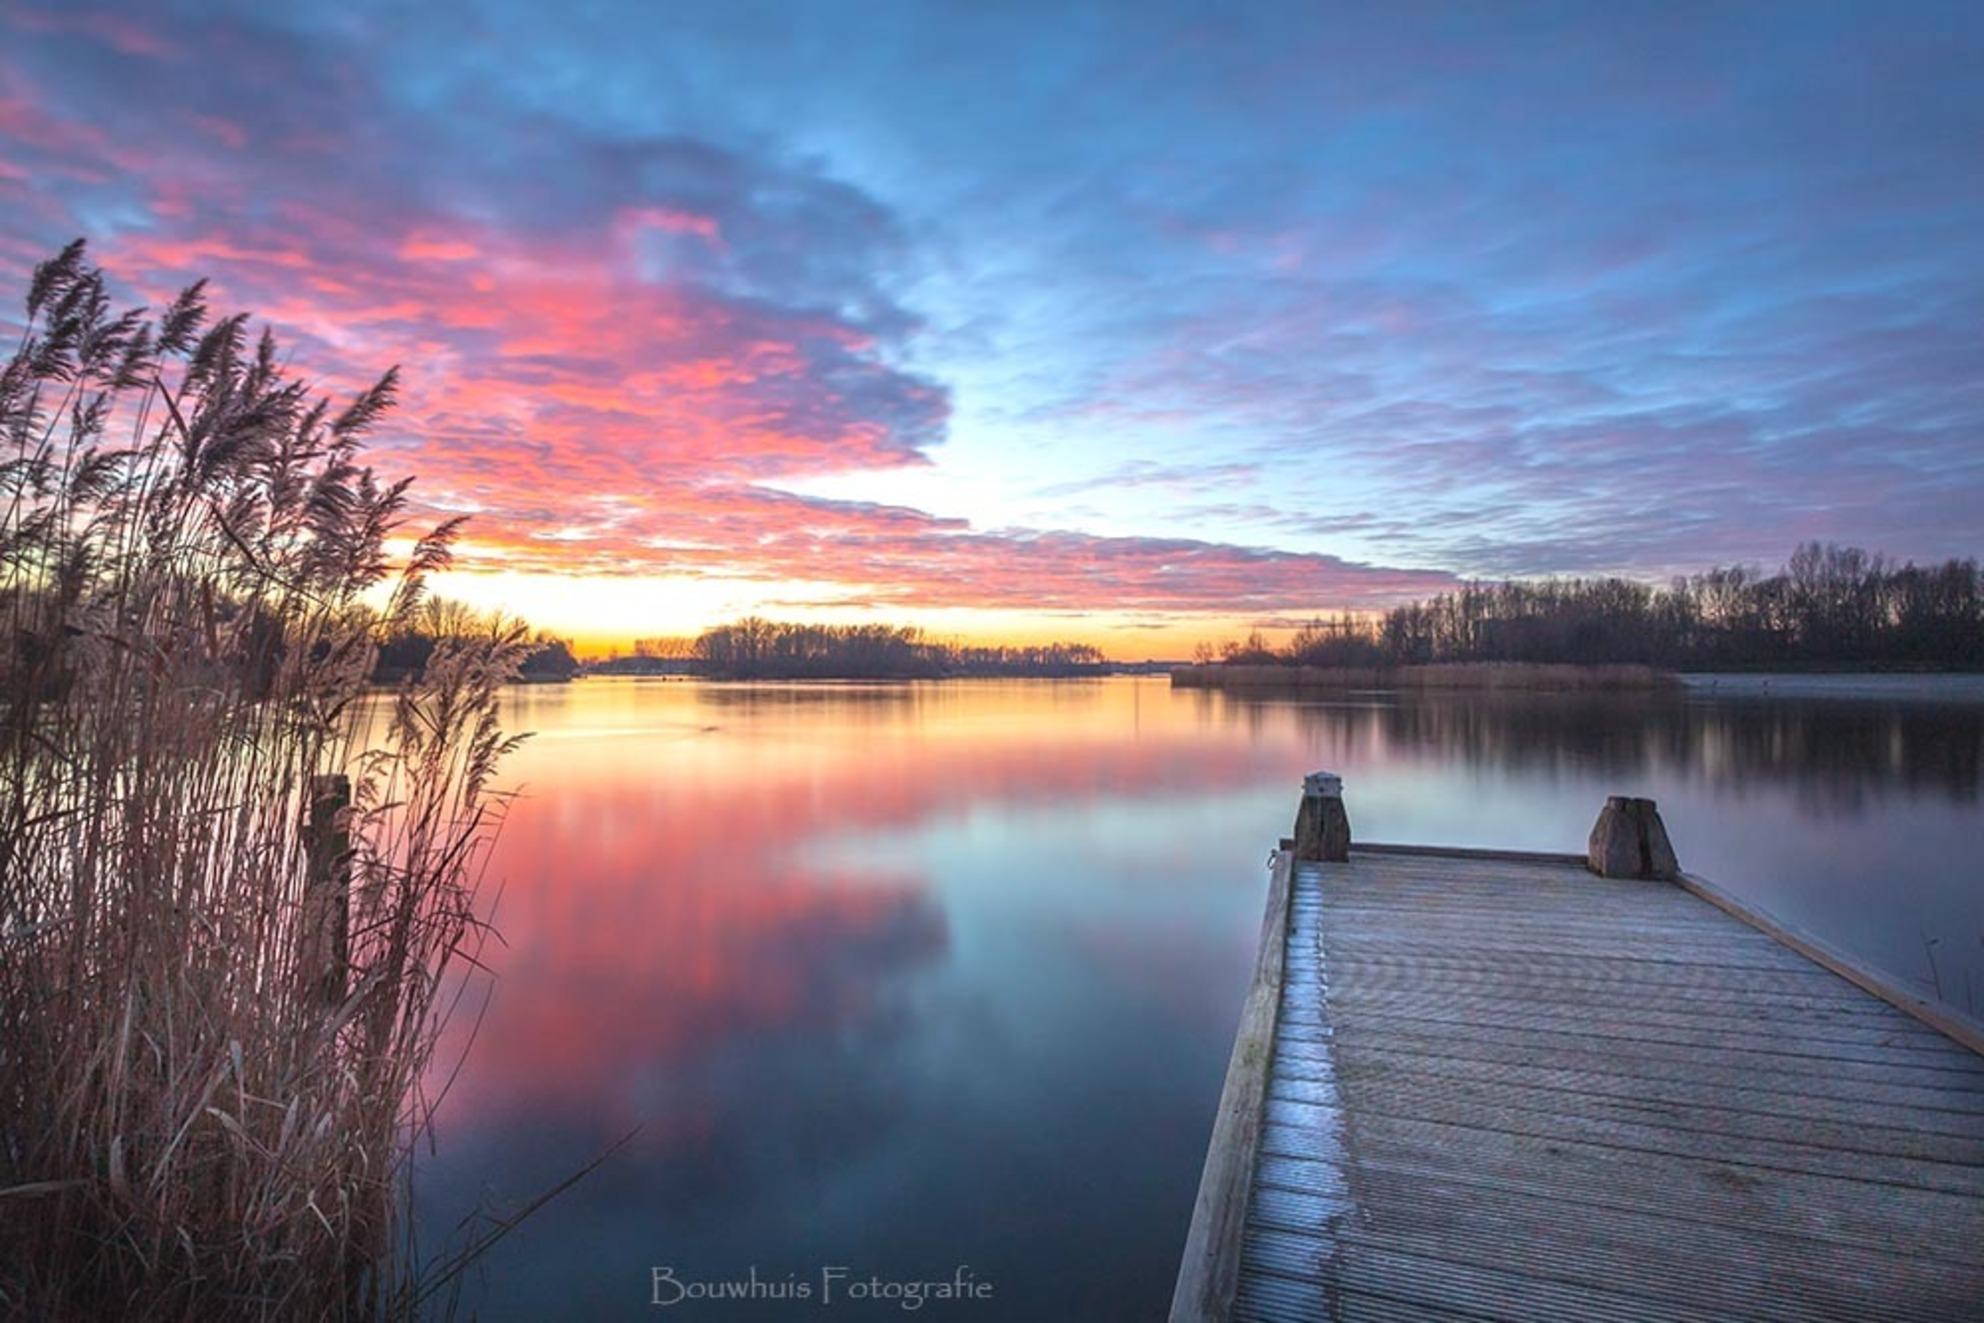 Neverending Sunset - Zonsondergang aan een steigertje in Almere. - foto door Awake78_zoom op 21-01-2019 - deze foto bevat: lucht, wolken, zon, water, sunset, natuur, licht, zonsondergang, landschap, tegenlicht, meer, nederland, flevoland, almere, lange sluitertijd, long exposure, filmwijk